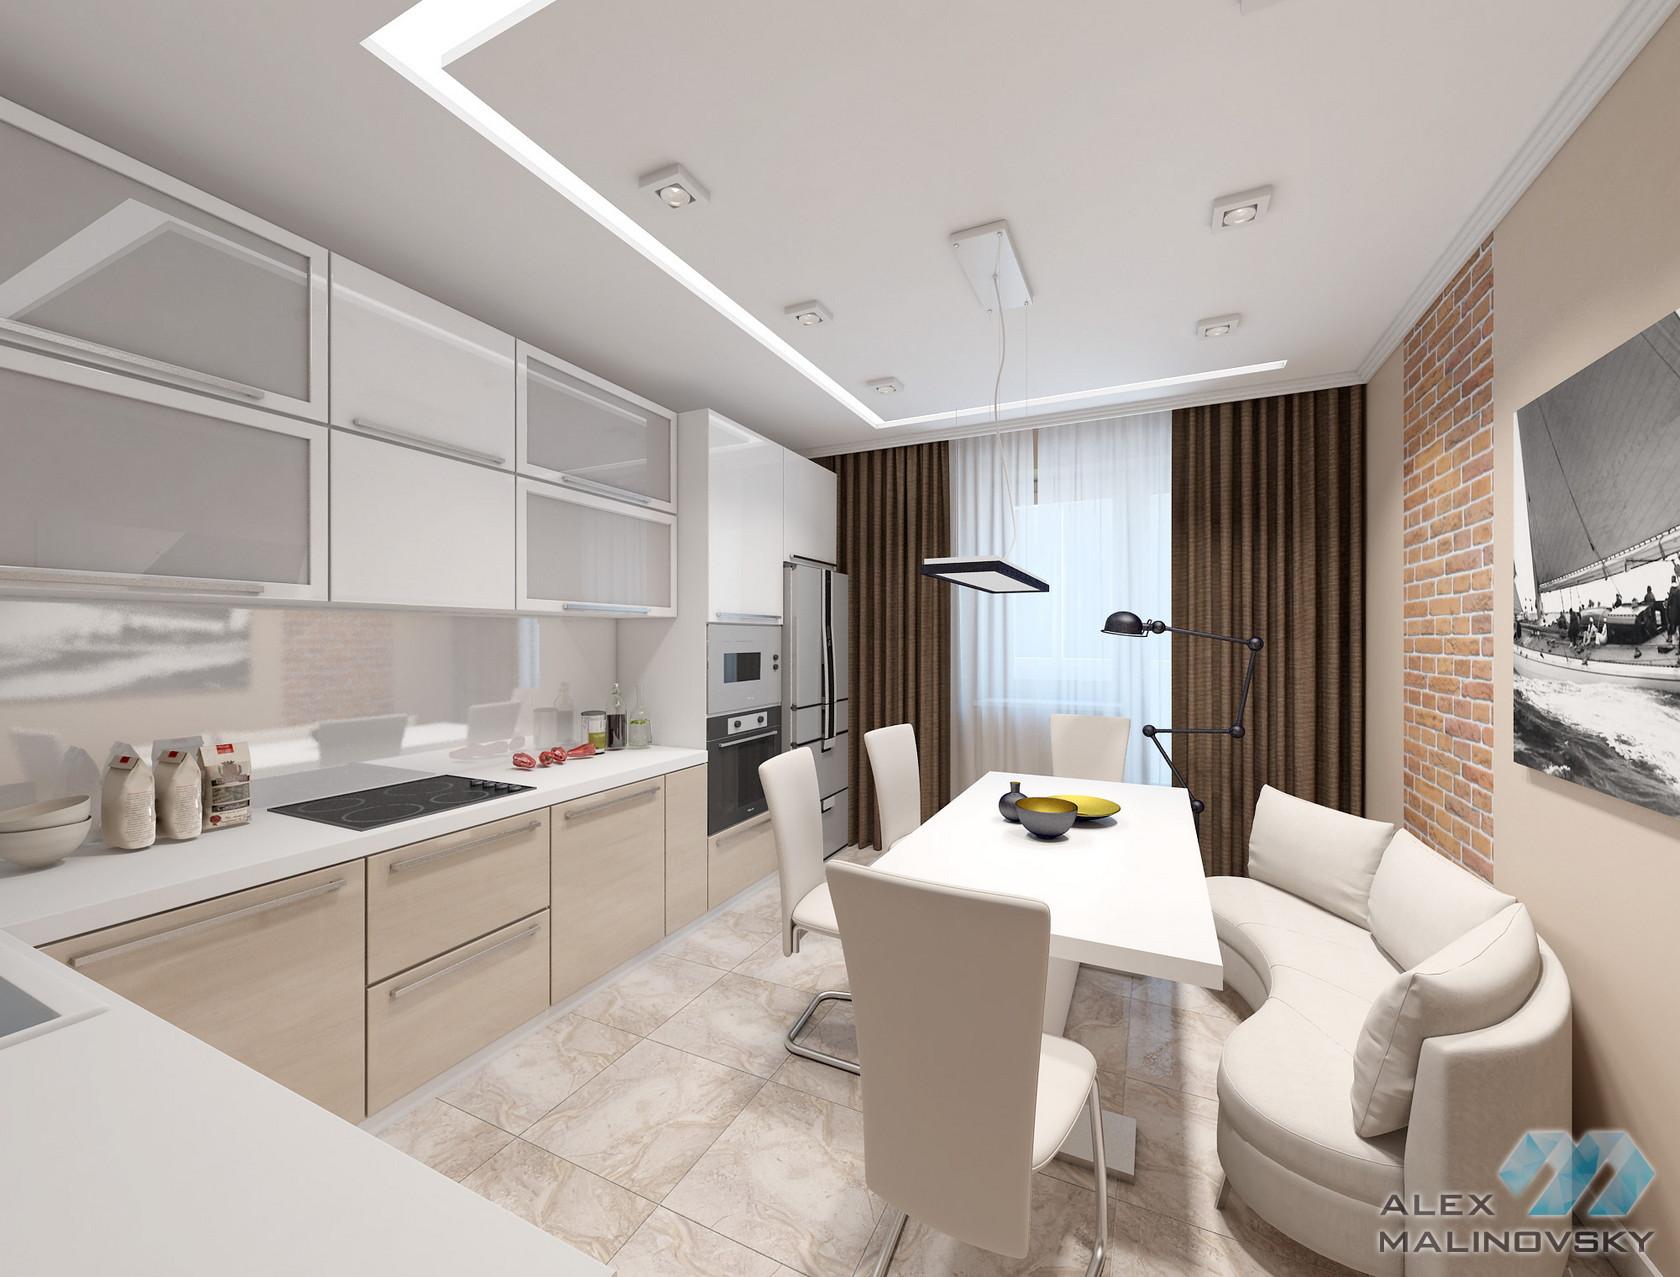 Кухня,  3х комнатная квартира, ЖК Совхоз им Ленина, Москва